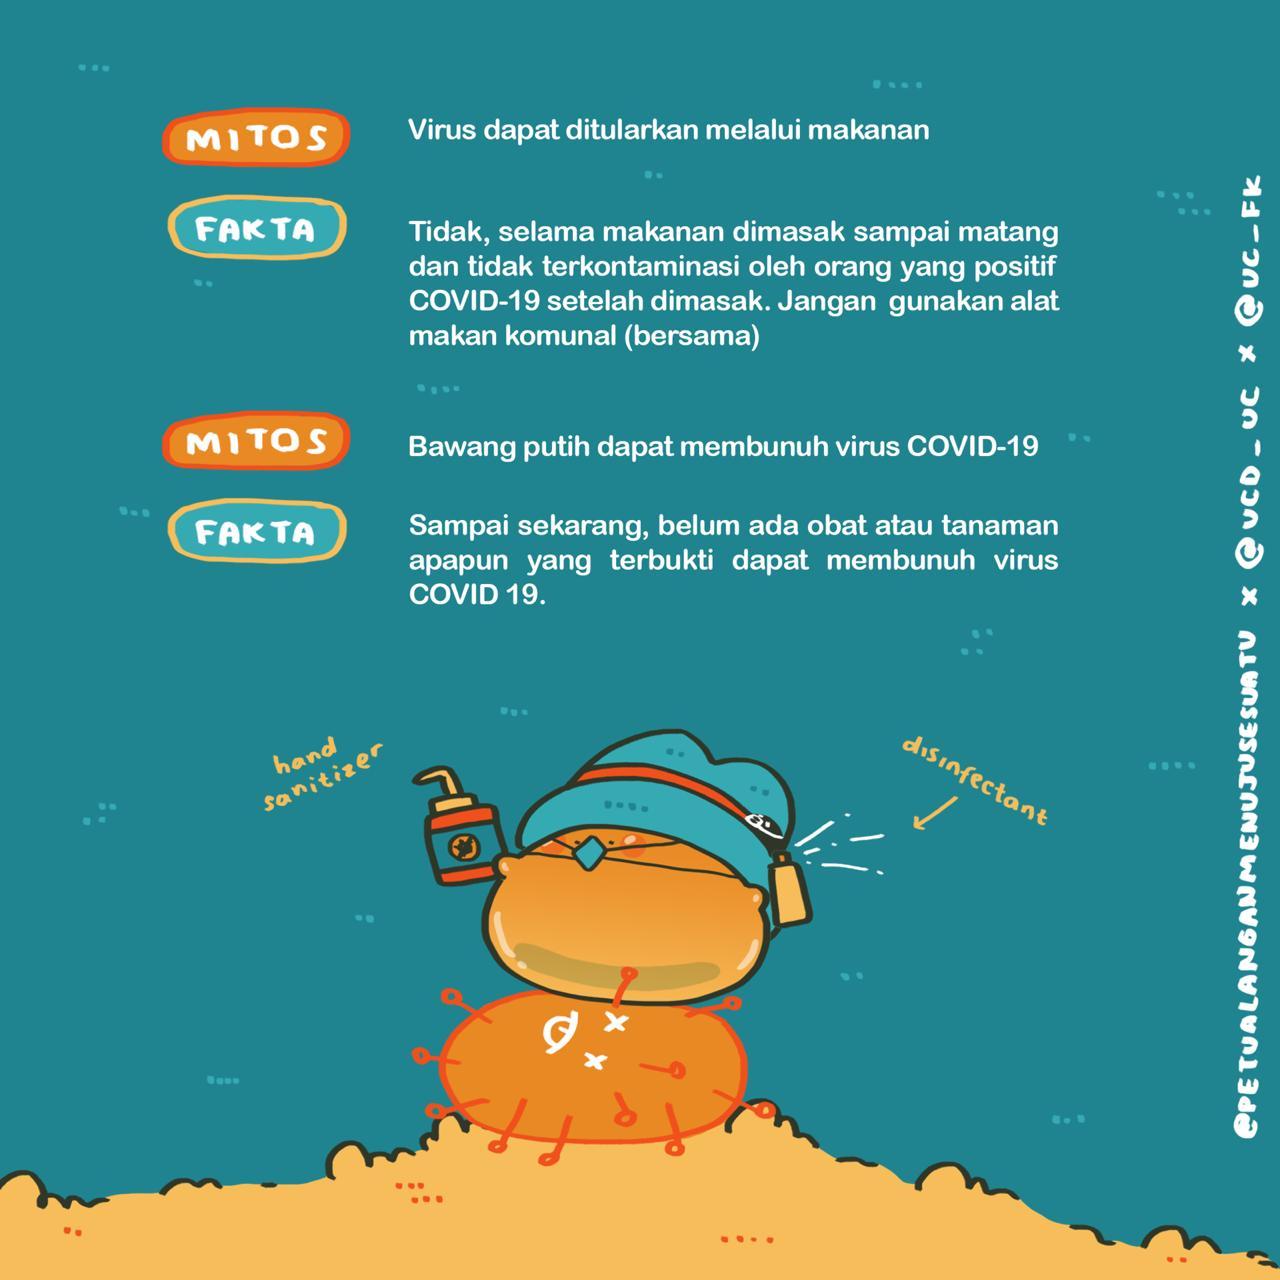 Gejala, MItos, dan Fakta Covid-19 : Kolaborasi PMS, VCD UC, dan FIK UC